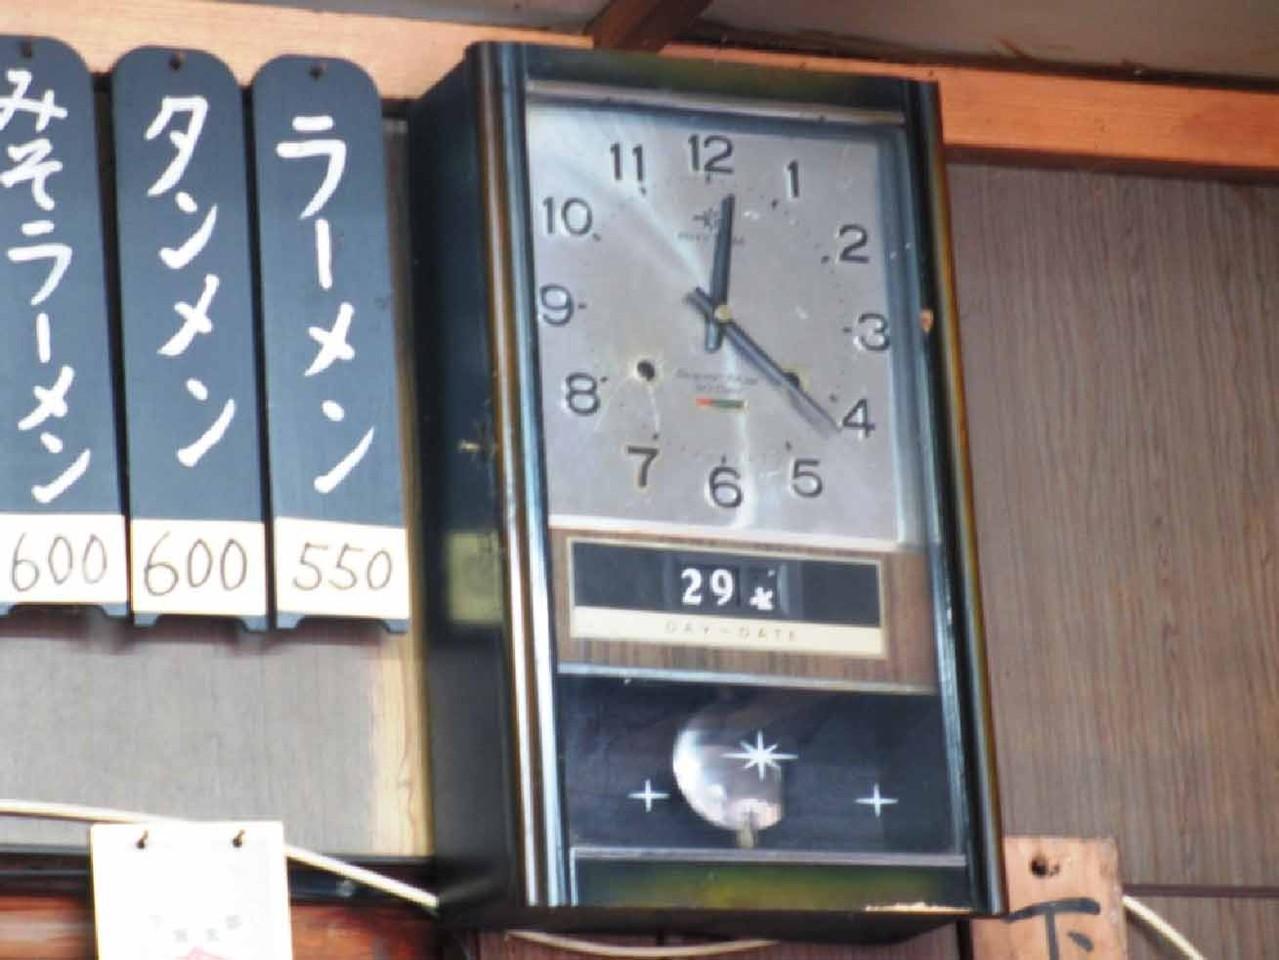 昭和を彷彿とさせる掛け時計があり、今も時を刻んでいる。